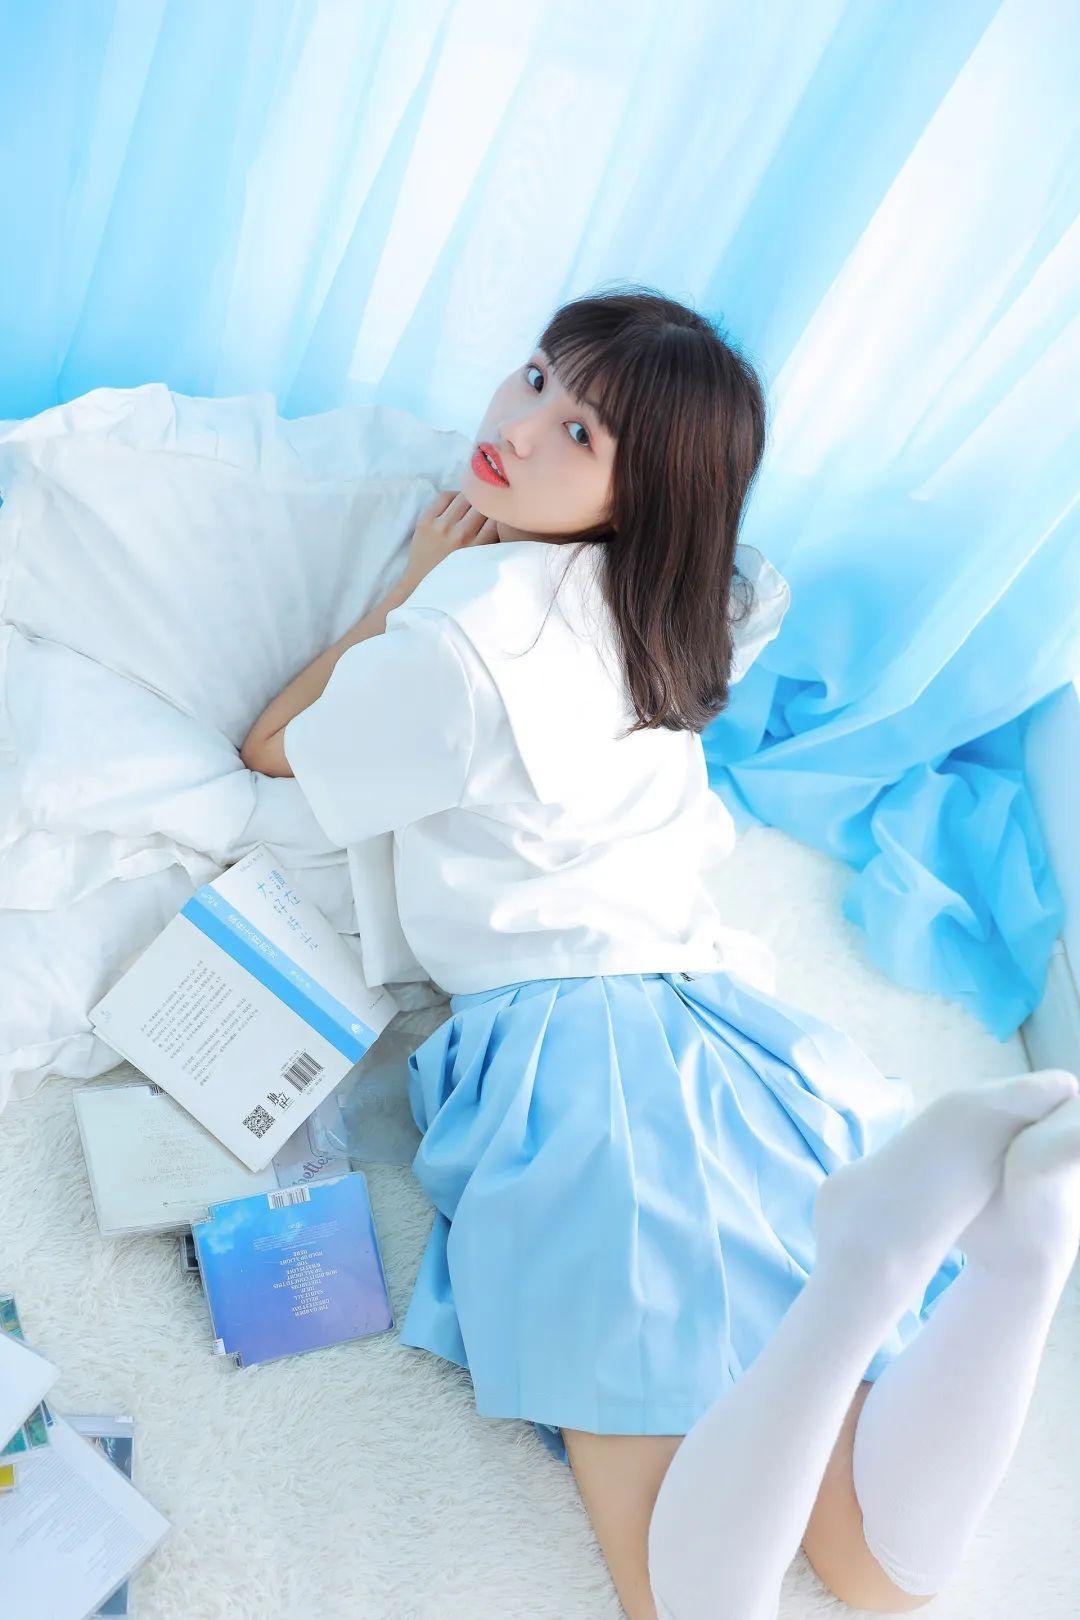 妹子摄影 – 短裙萝莉双马尾_图片 No.8